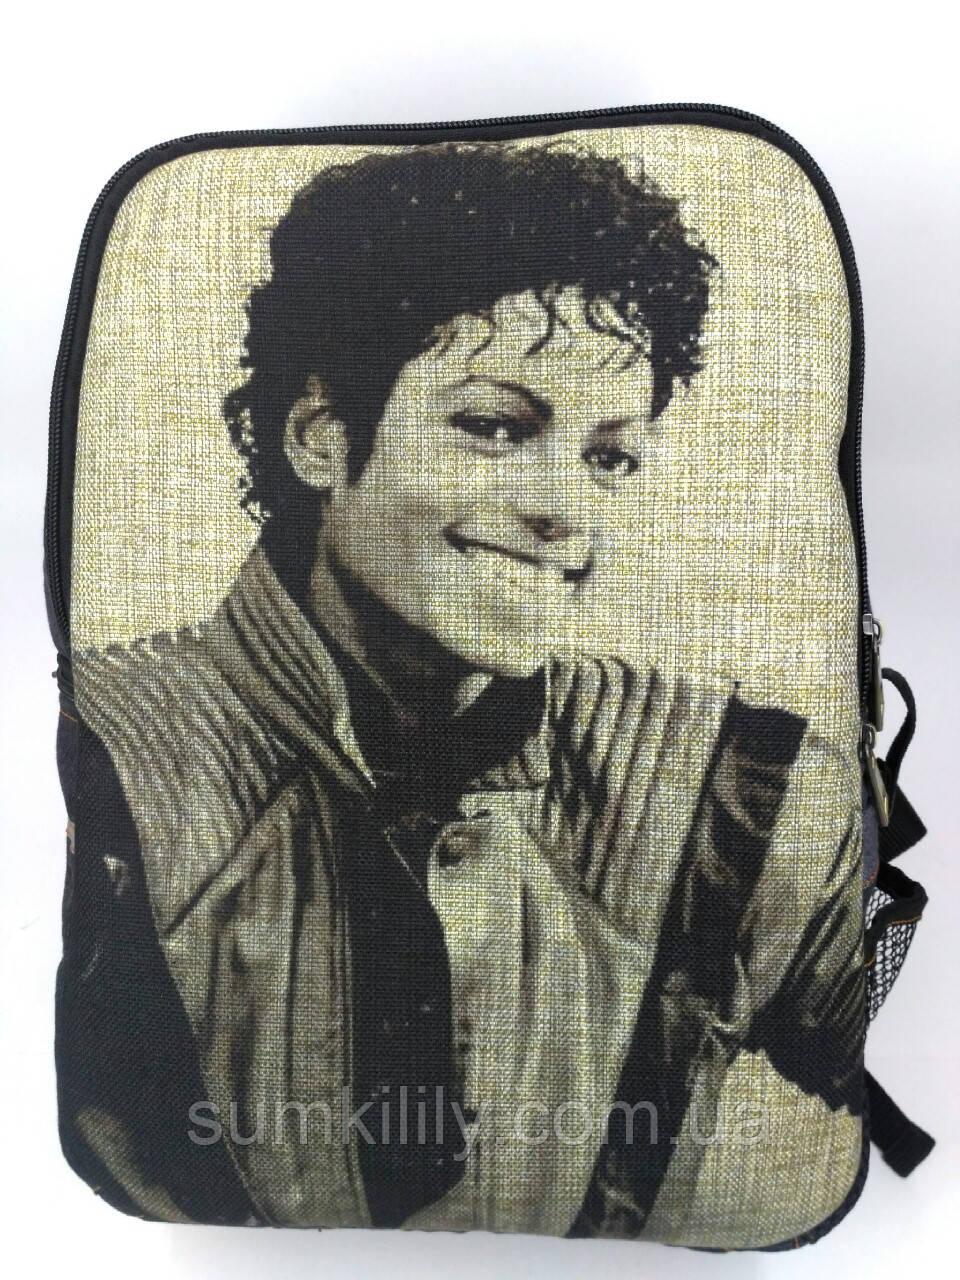 Джинсовый рюкзак Майкл Джексон 4